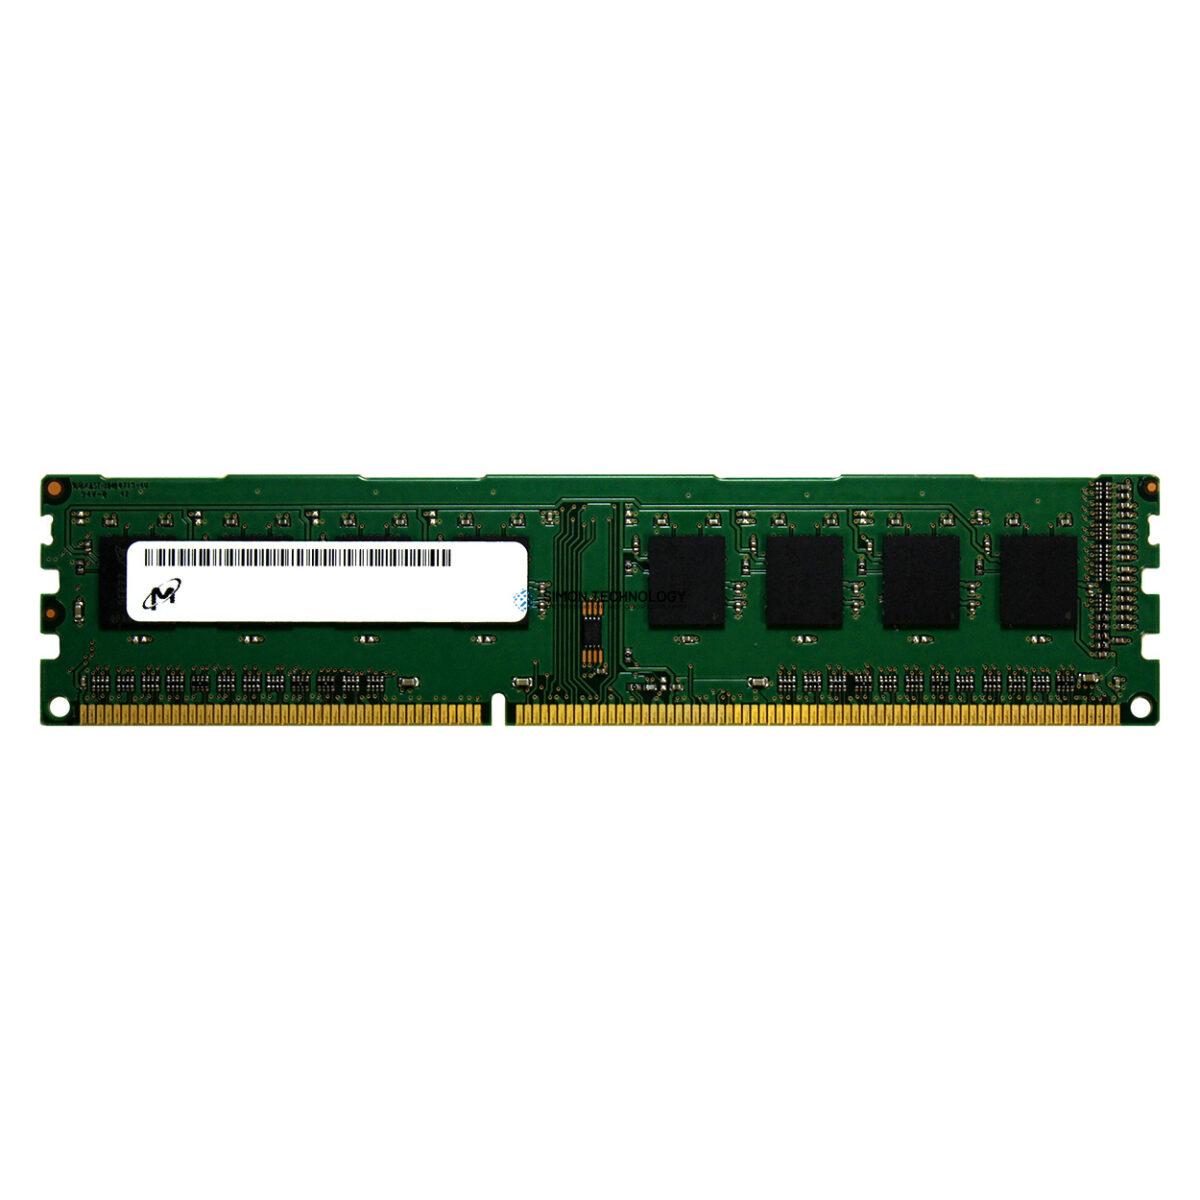 Оперативная память Micron MICRON 16GB (1*16GB) 1RX4 PC4-21300V-R DDR4-2666MHZ MEMORY KIT (15-105079-01)